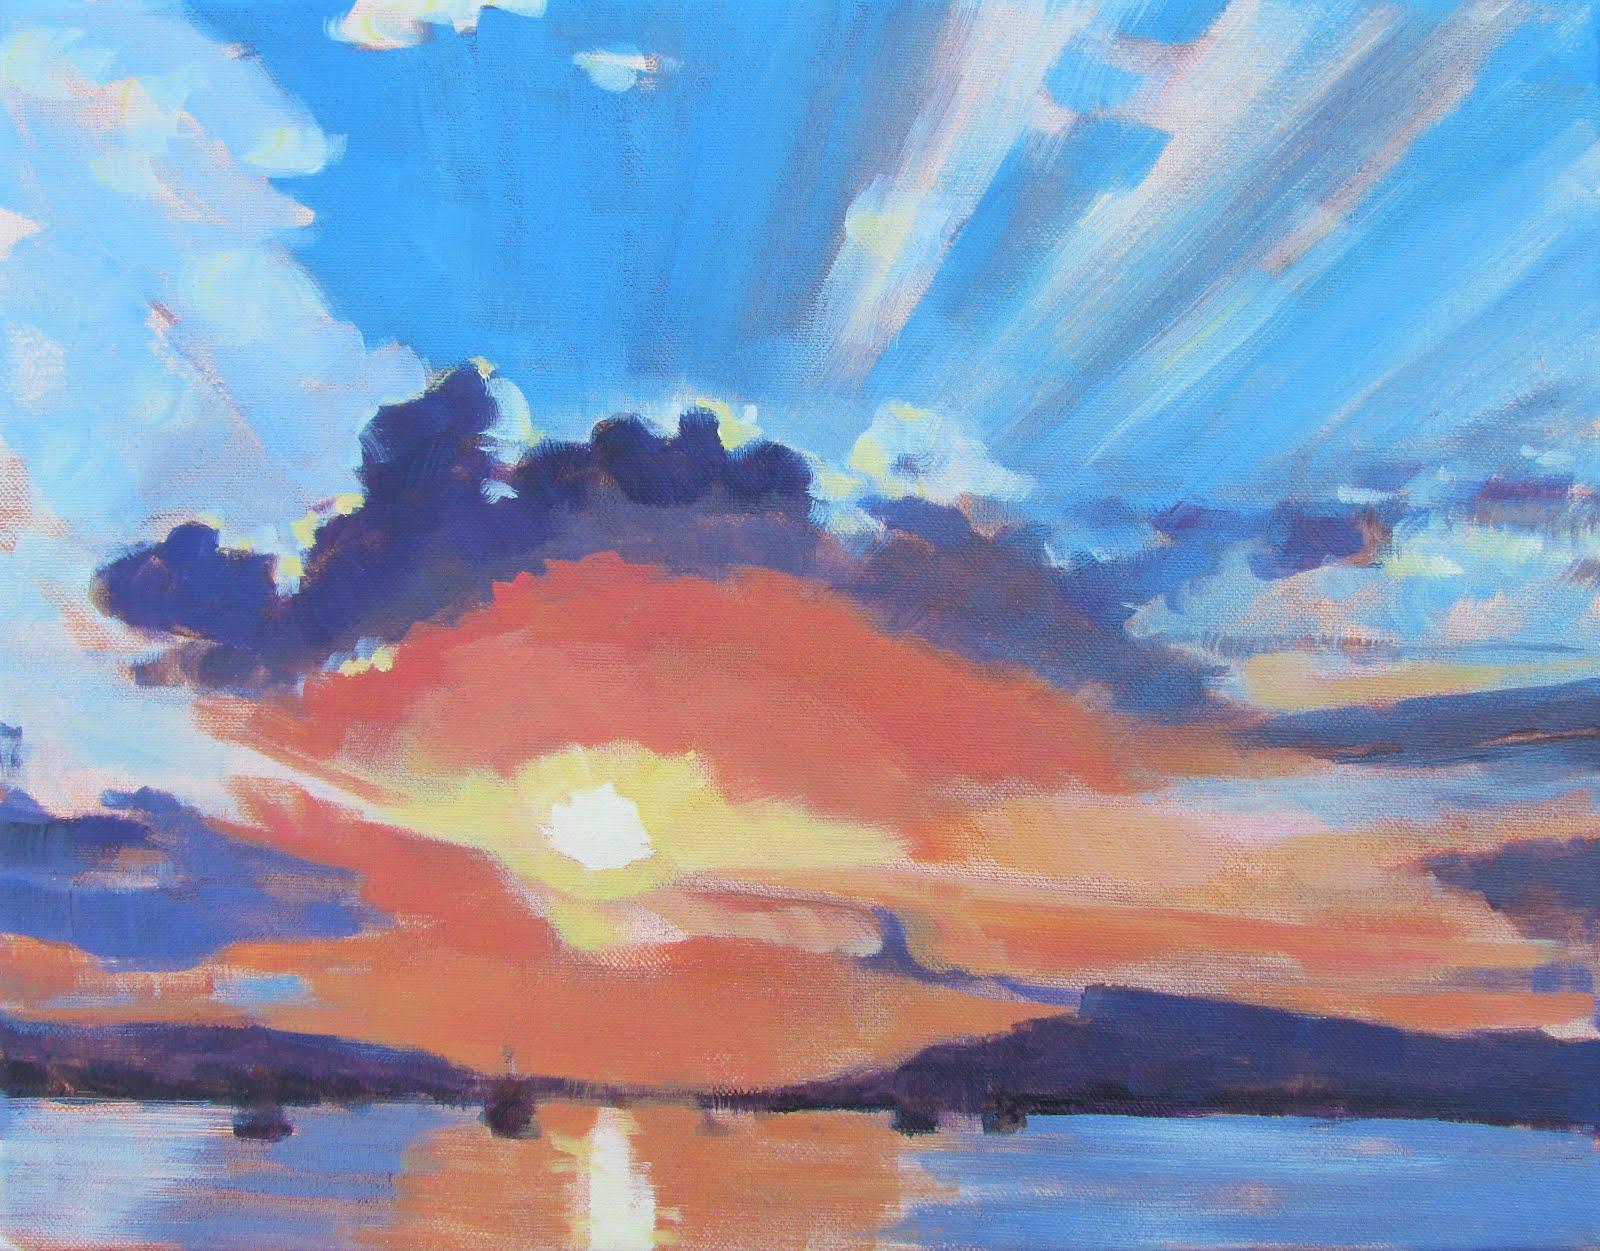 Buy Original Paintings on Etsy: